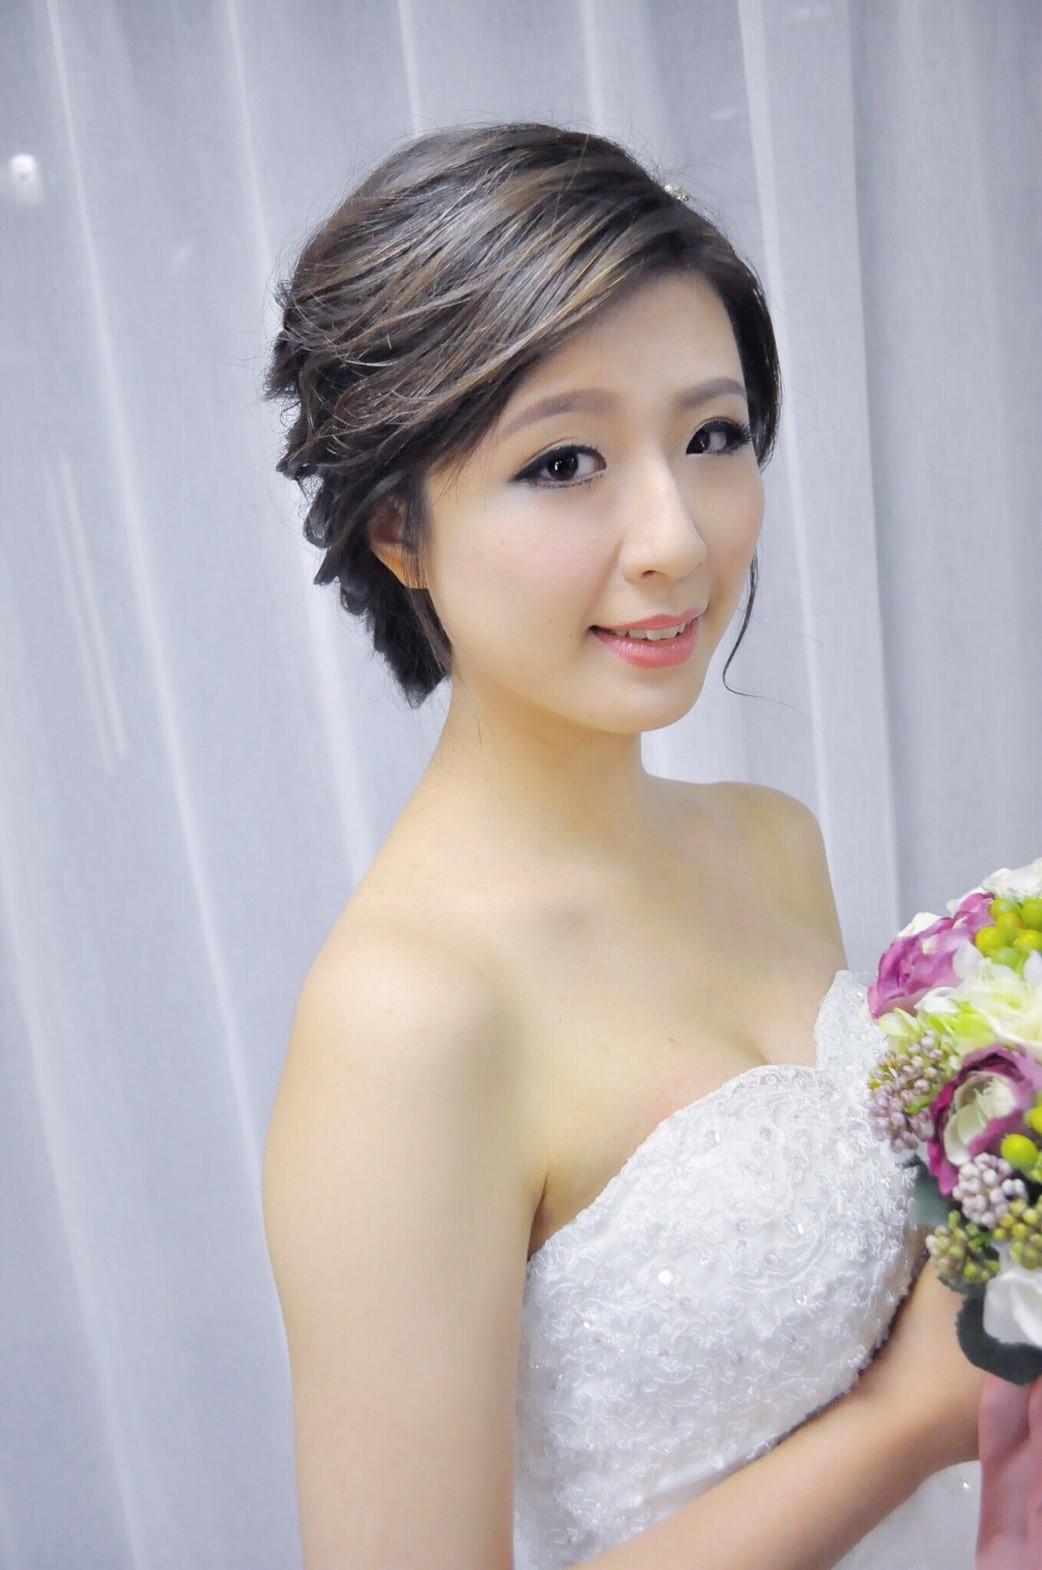 熱門造型師,新娘秘書,,,, - 朵果花嫁luluco 作品瀏覽